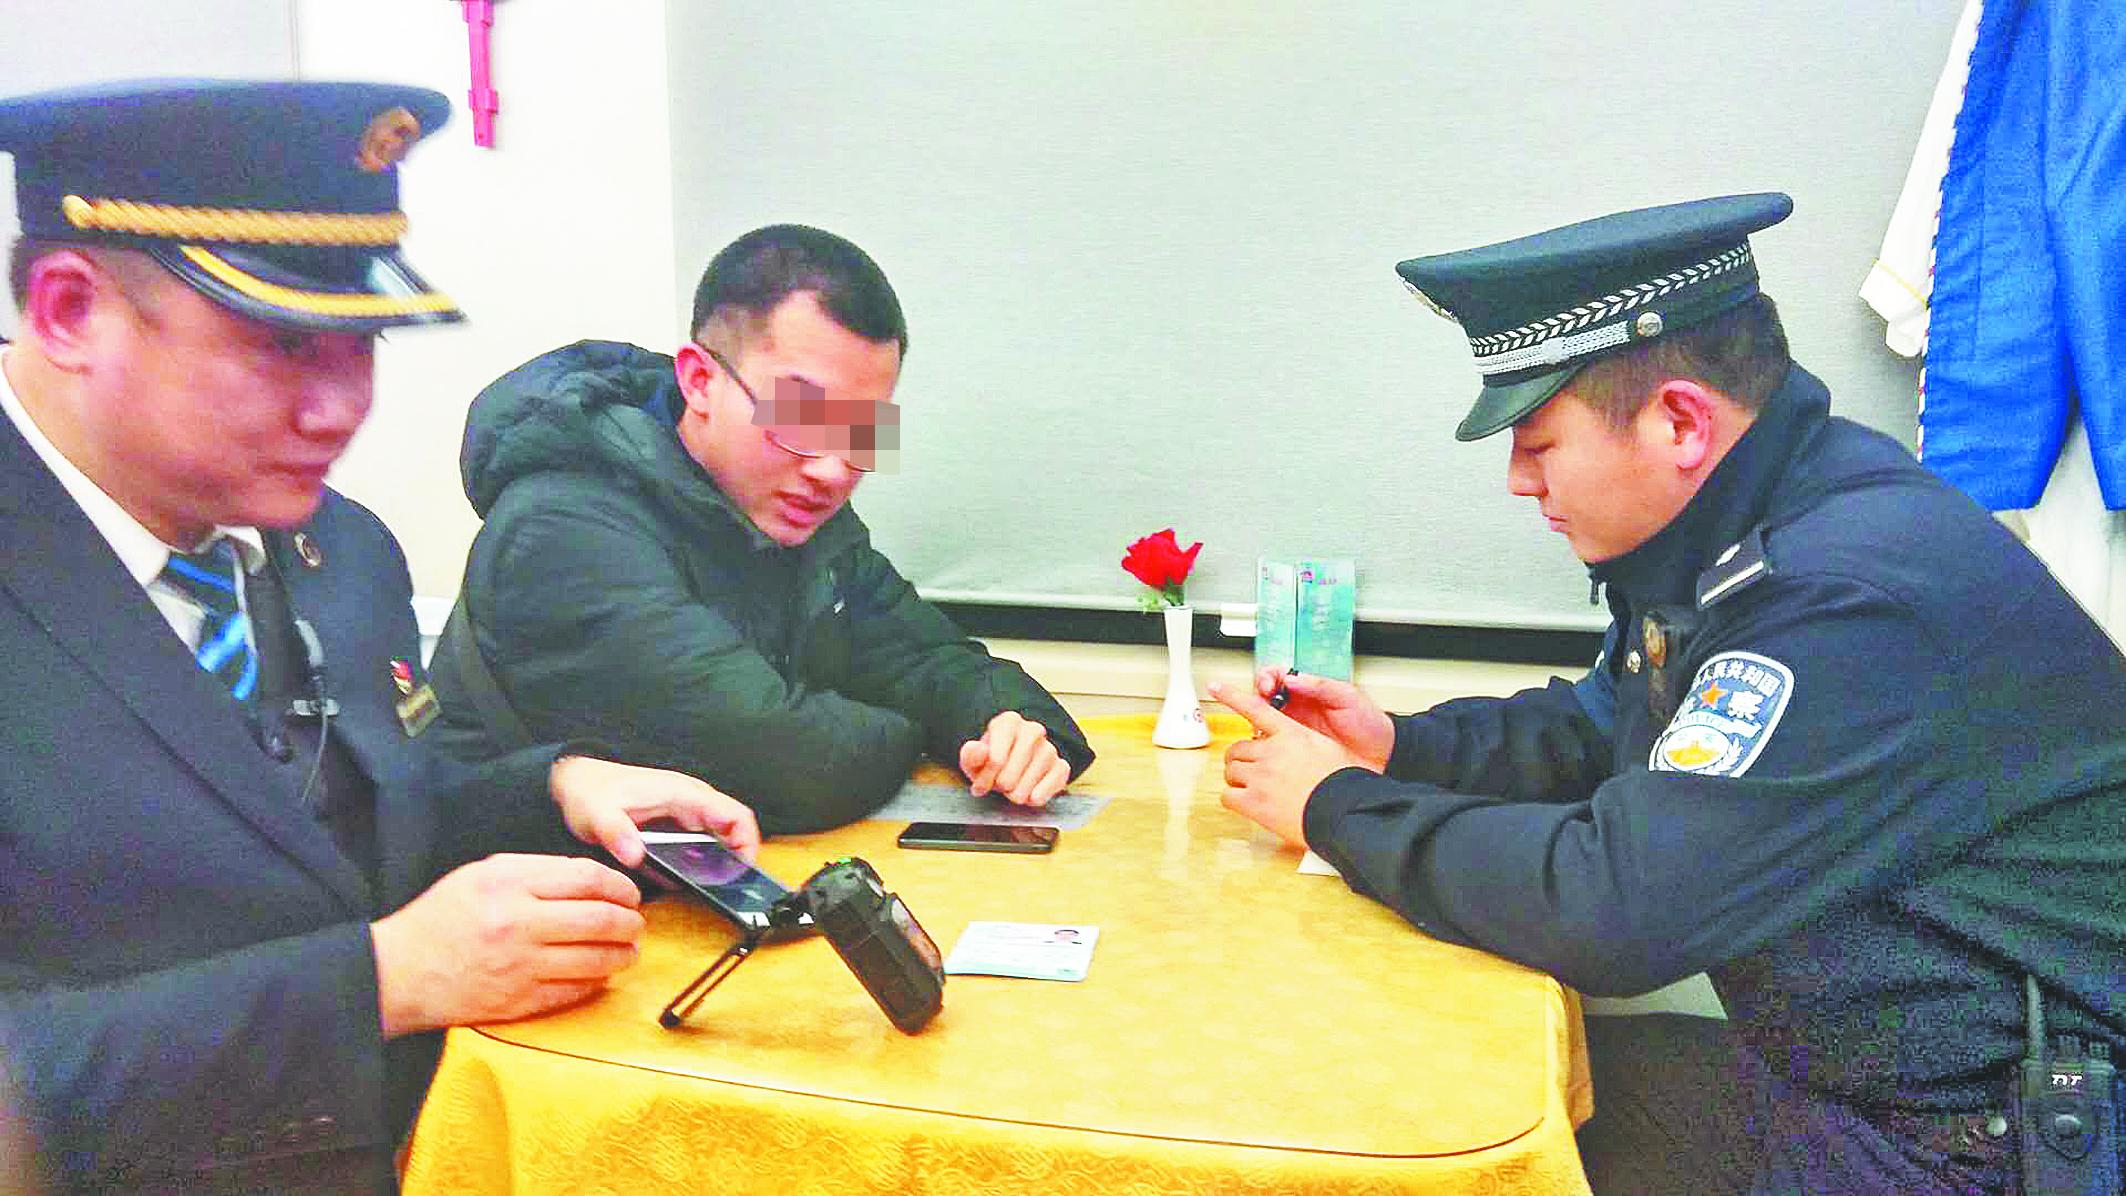 大学生因琐事出走 淄博乘警紧急找回